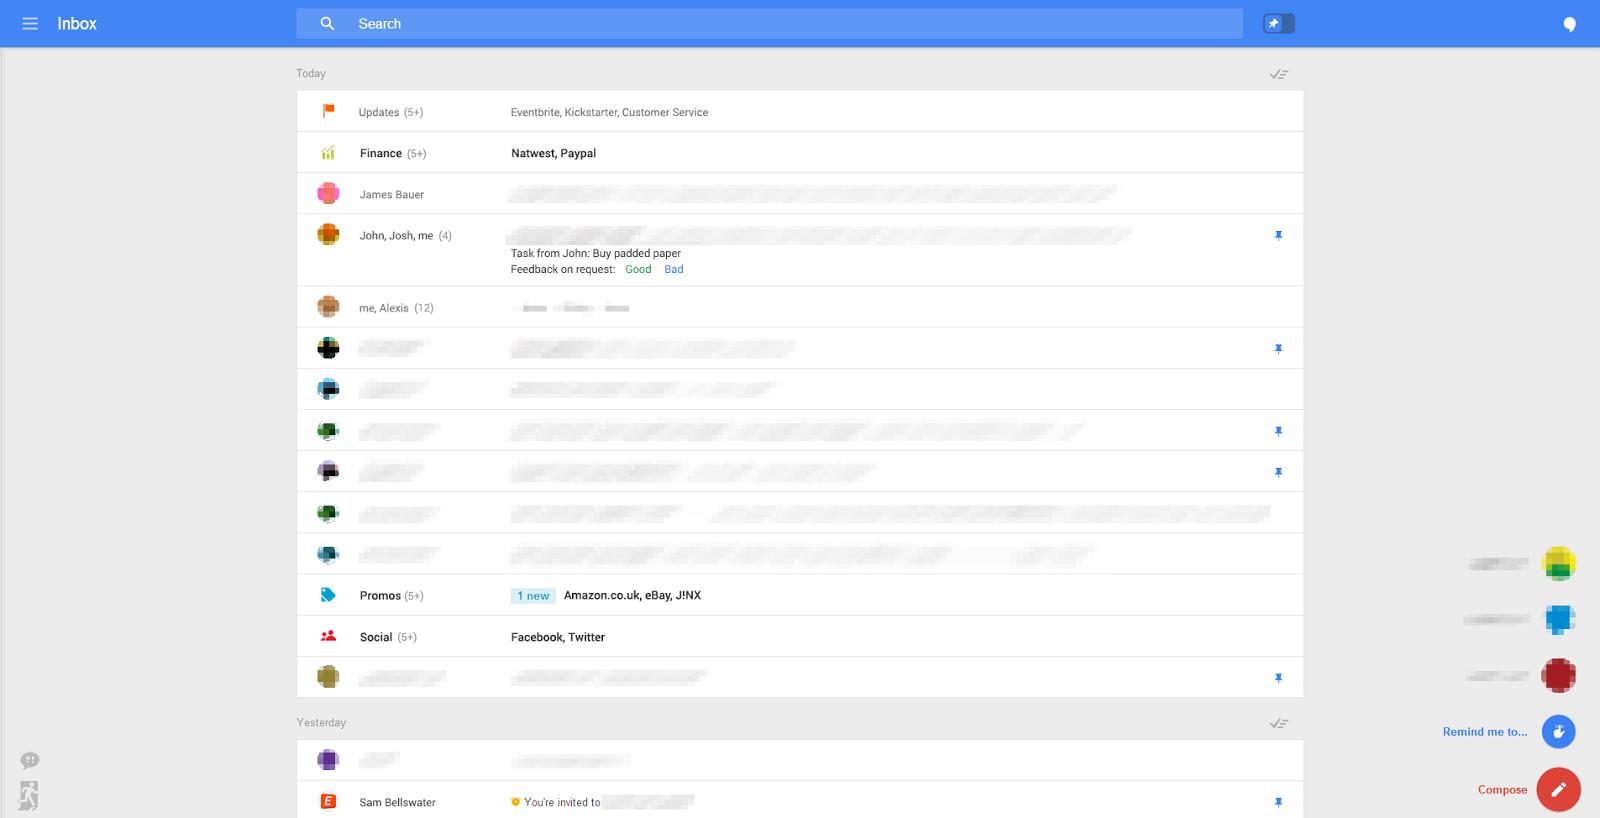 https://4.bp.blogspot.com/-pyUvfs1JUyo/U3D4PBFL7PI/AAAAAAAAZlQ/CH2WzMoLoBw/s1600/google-gmail-design-2.png